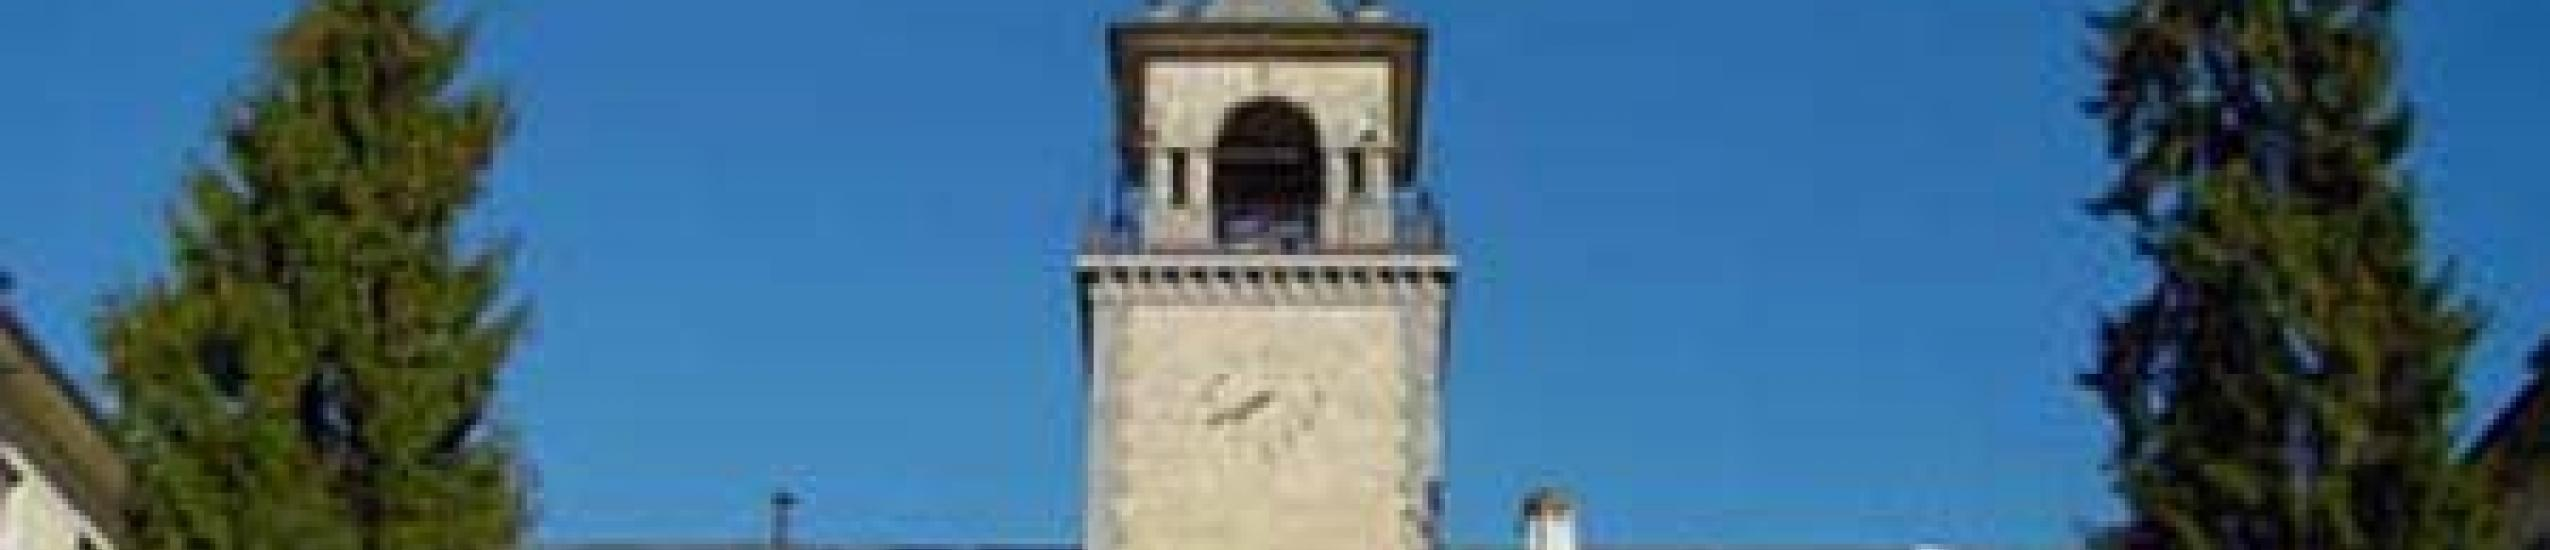 """Rete dei """"Civic Center Scolastici"""" – IPSIA Gaslini - Meucci Via  P. Pastorino, 15"""